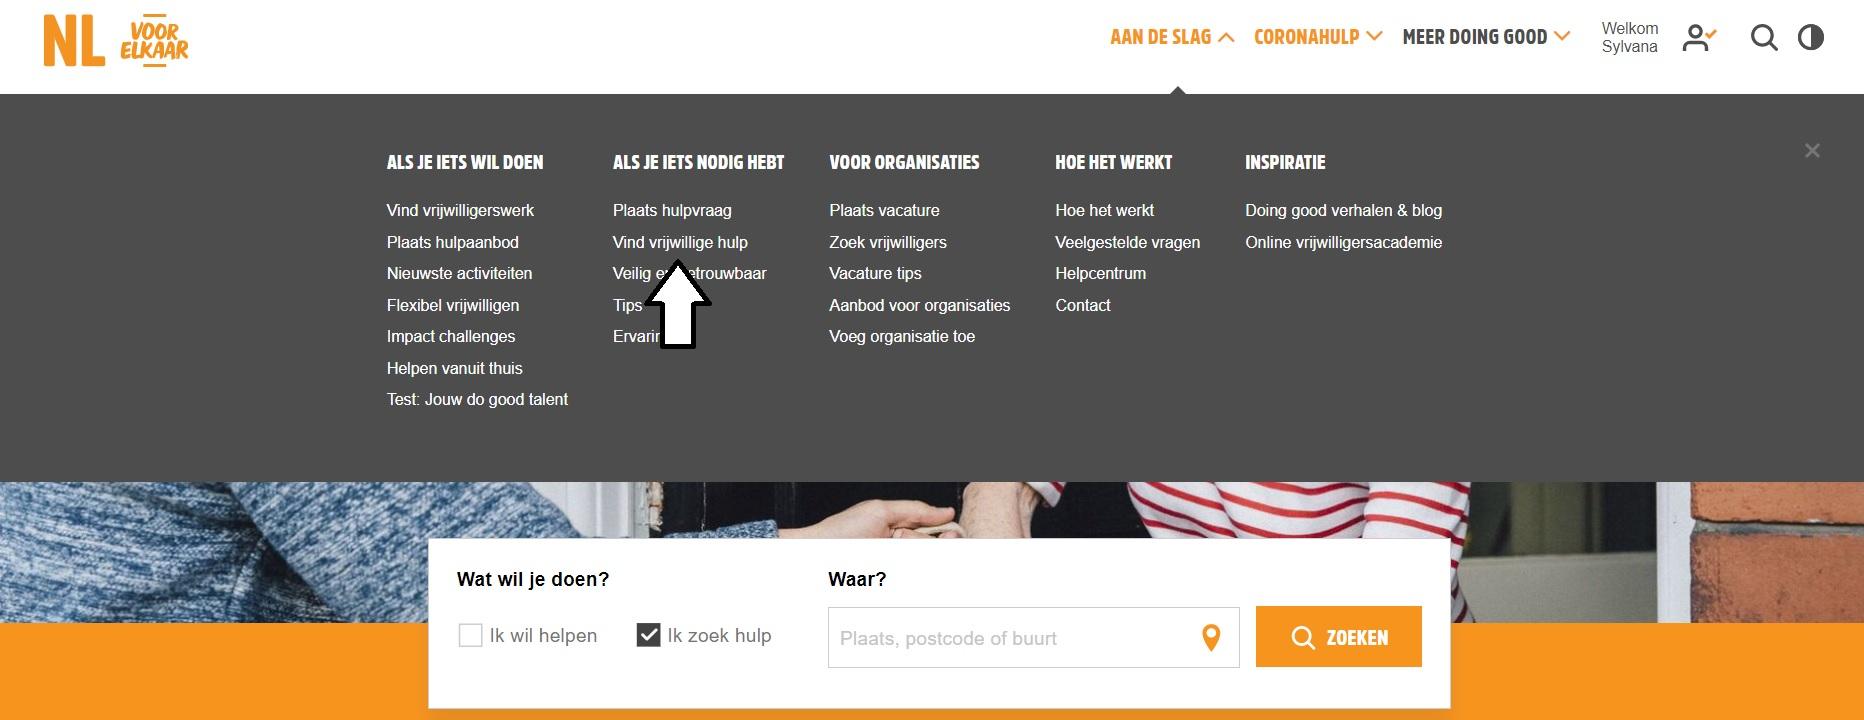 Helpcentrum_-_waar_is_mijn_hulpaanbod_te_zien.jpg